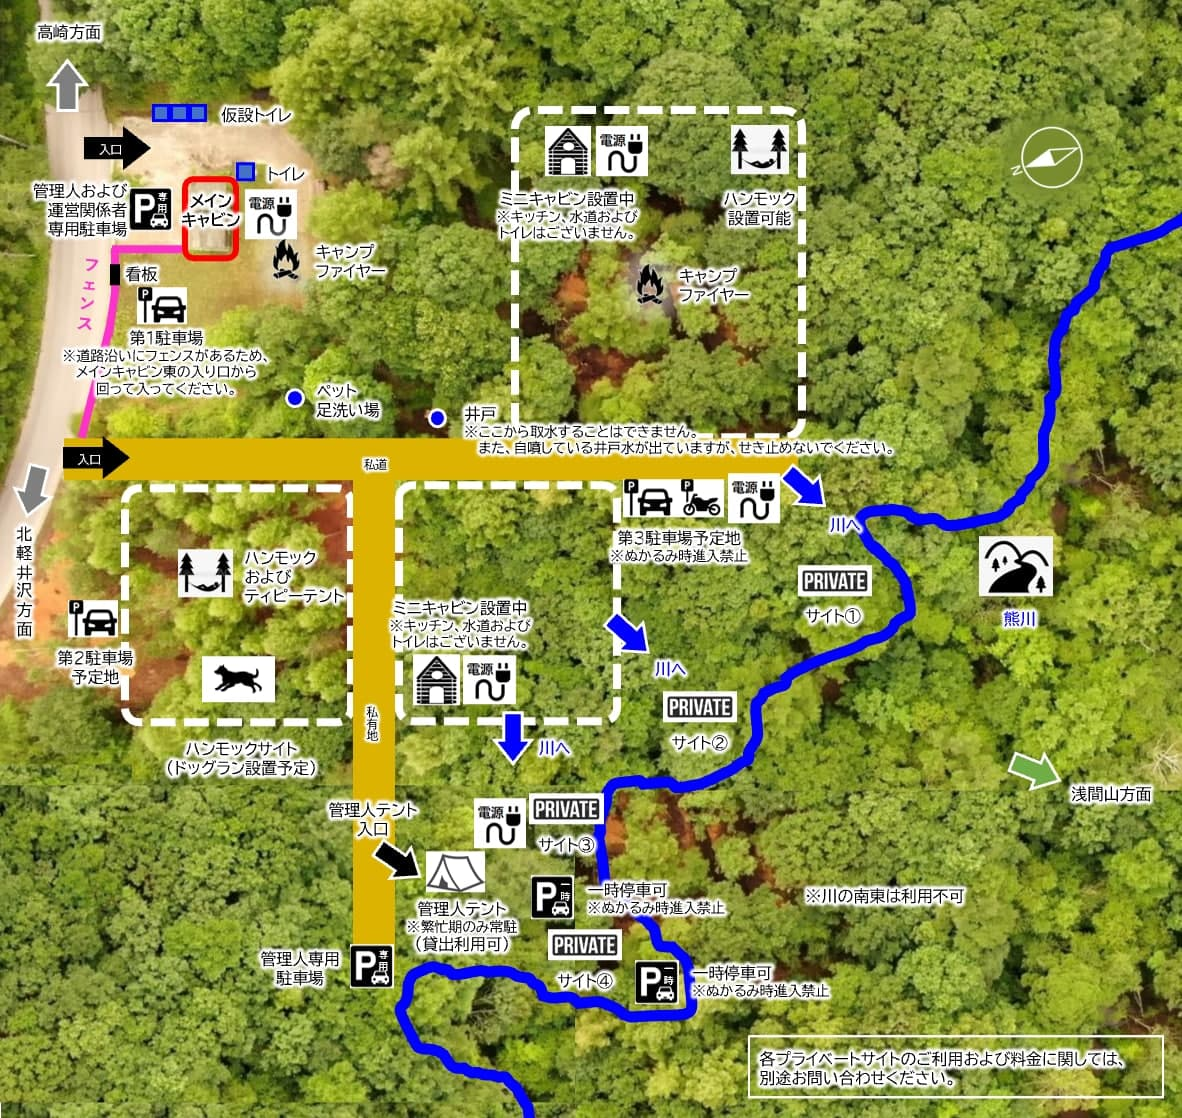 キャンプサイトの全体MAPです